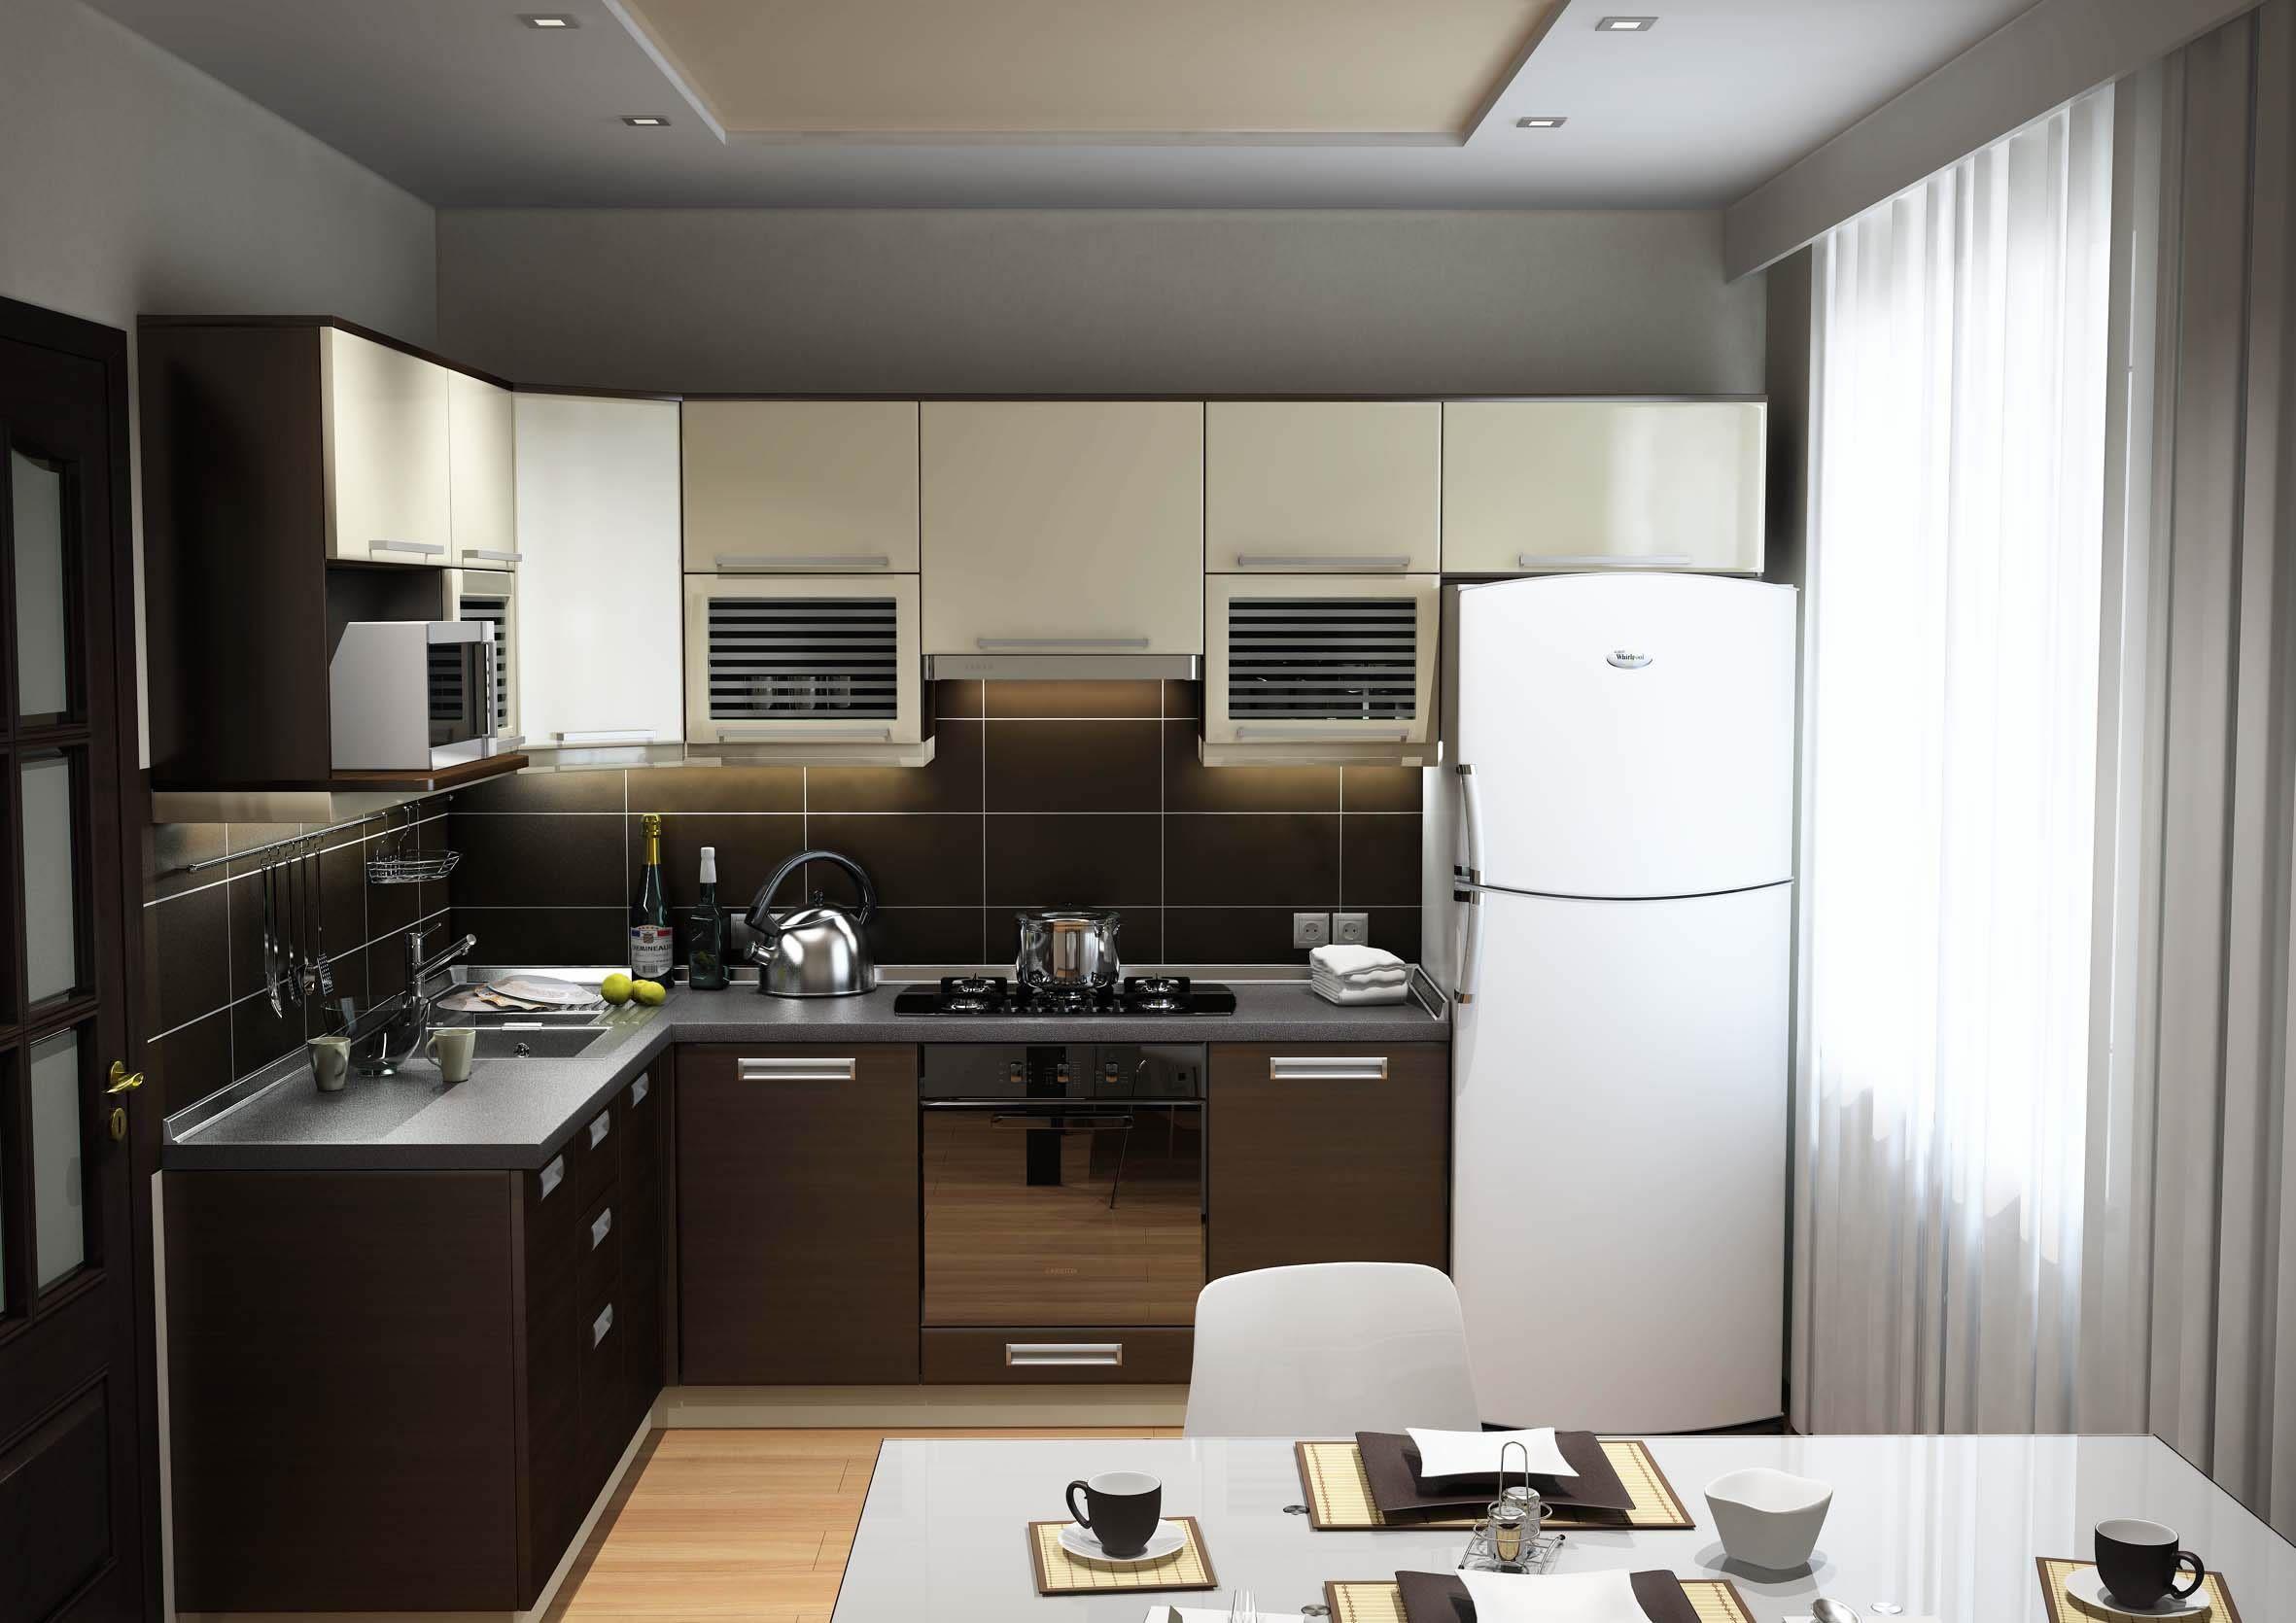 Кухня 3х4 дизайн фото